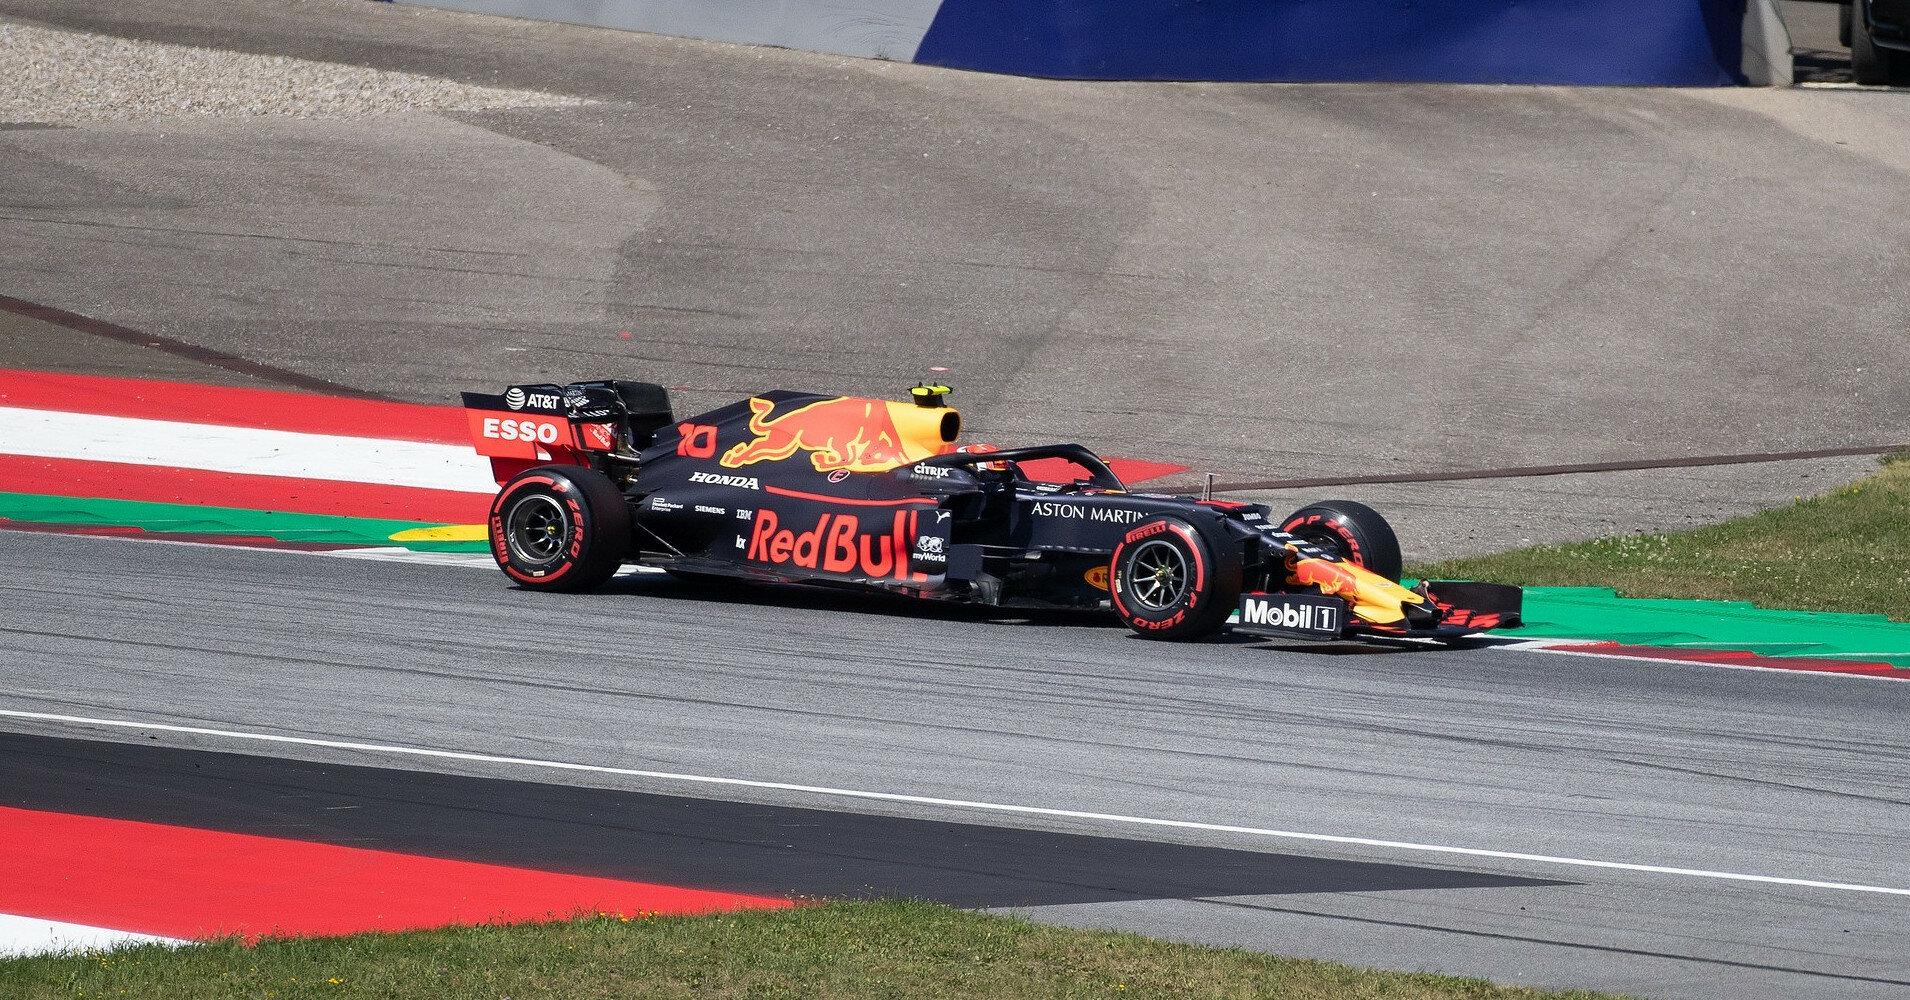 Формула-1: результаты Гран-при Франции